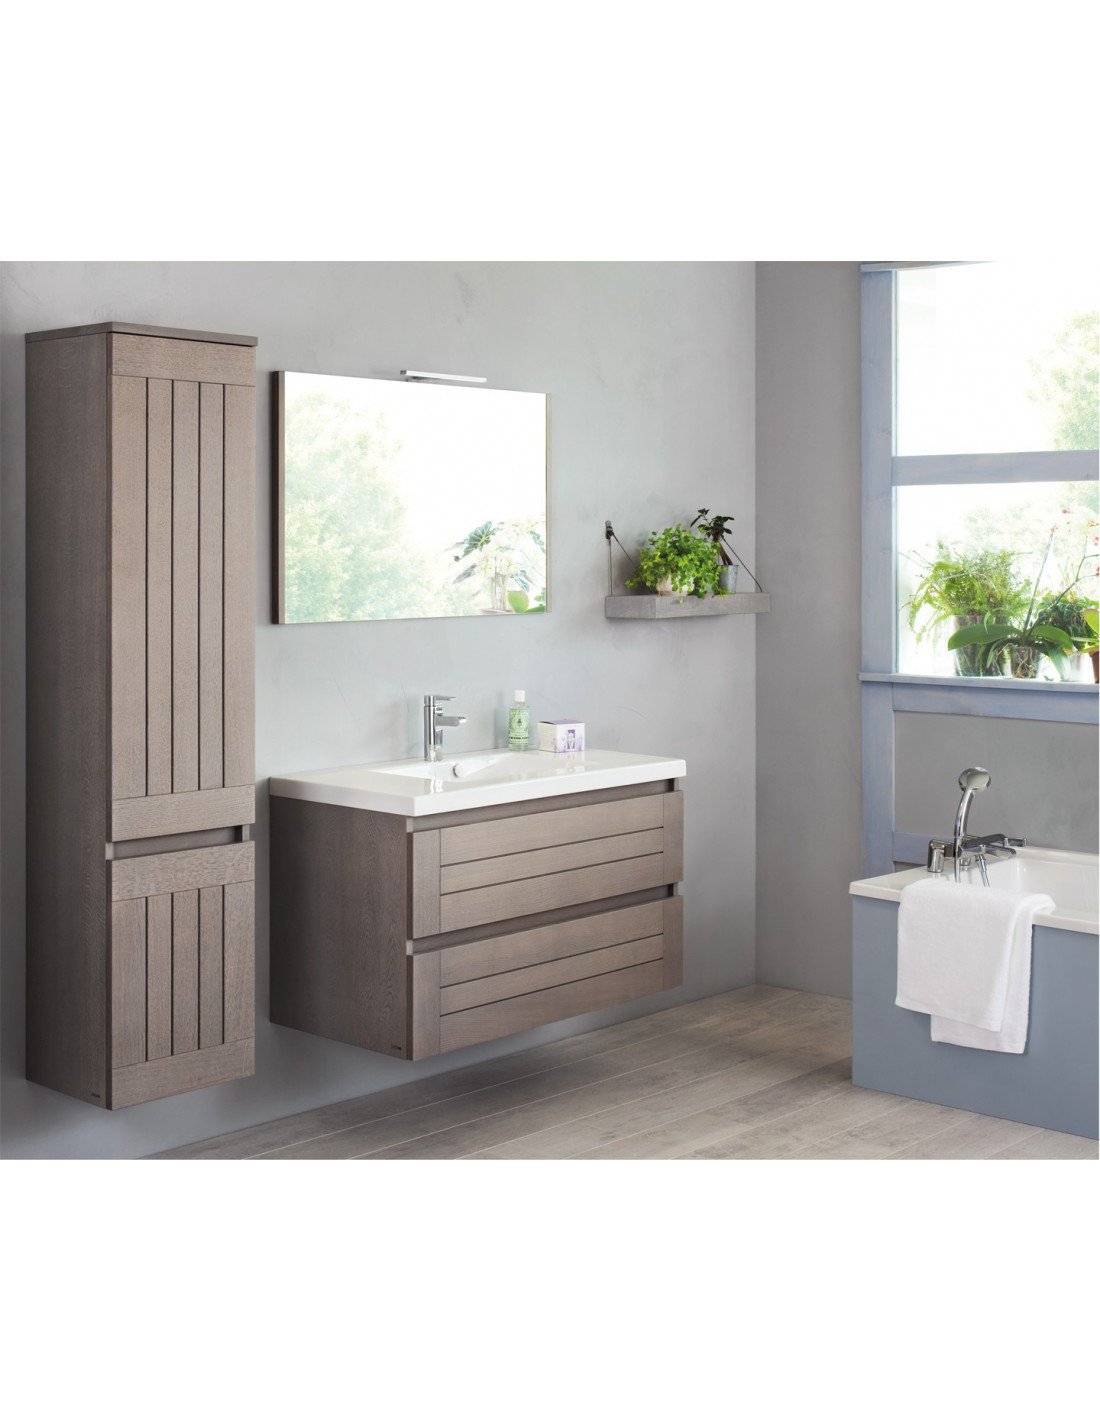 Meuble 105 Cm 1 Vasque Table Noire Armoire De Toilette Interieur Meuble De Toilette Pas Cher Agencecormierdelauniere Com Agencecormierdelauniere Com